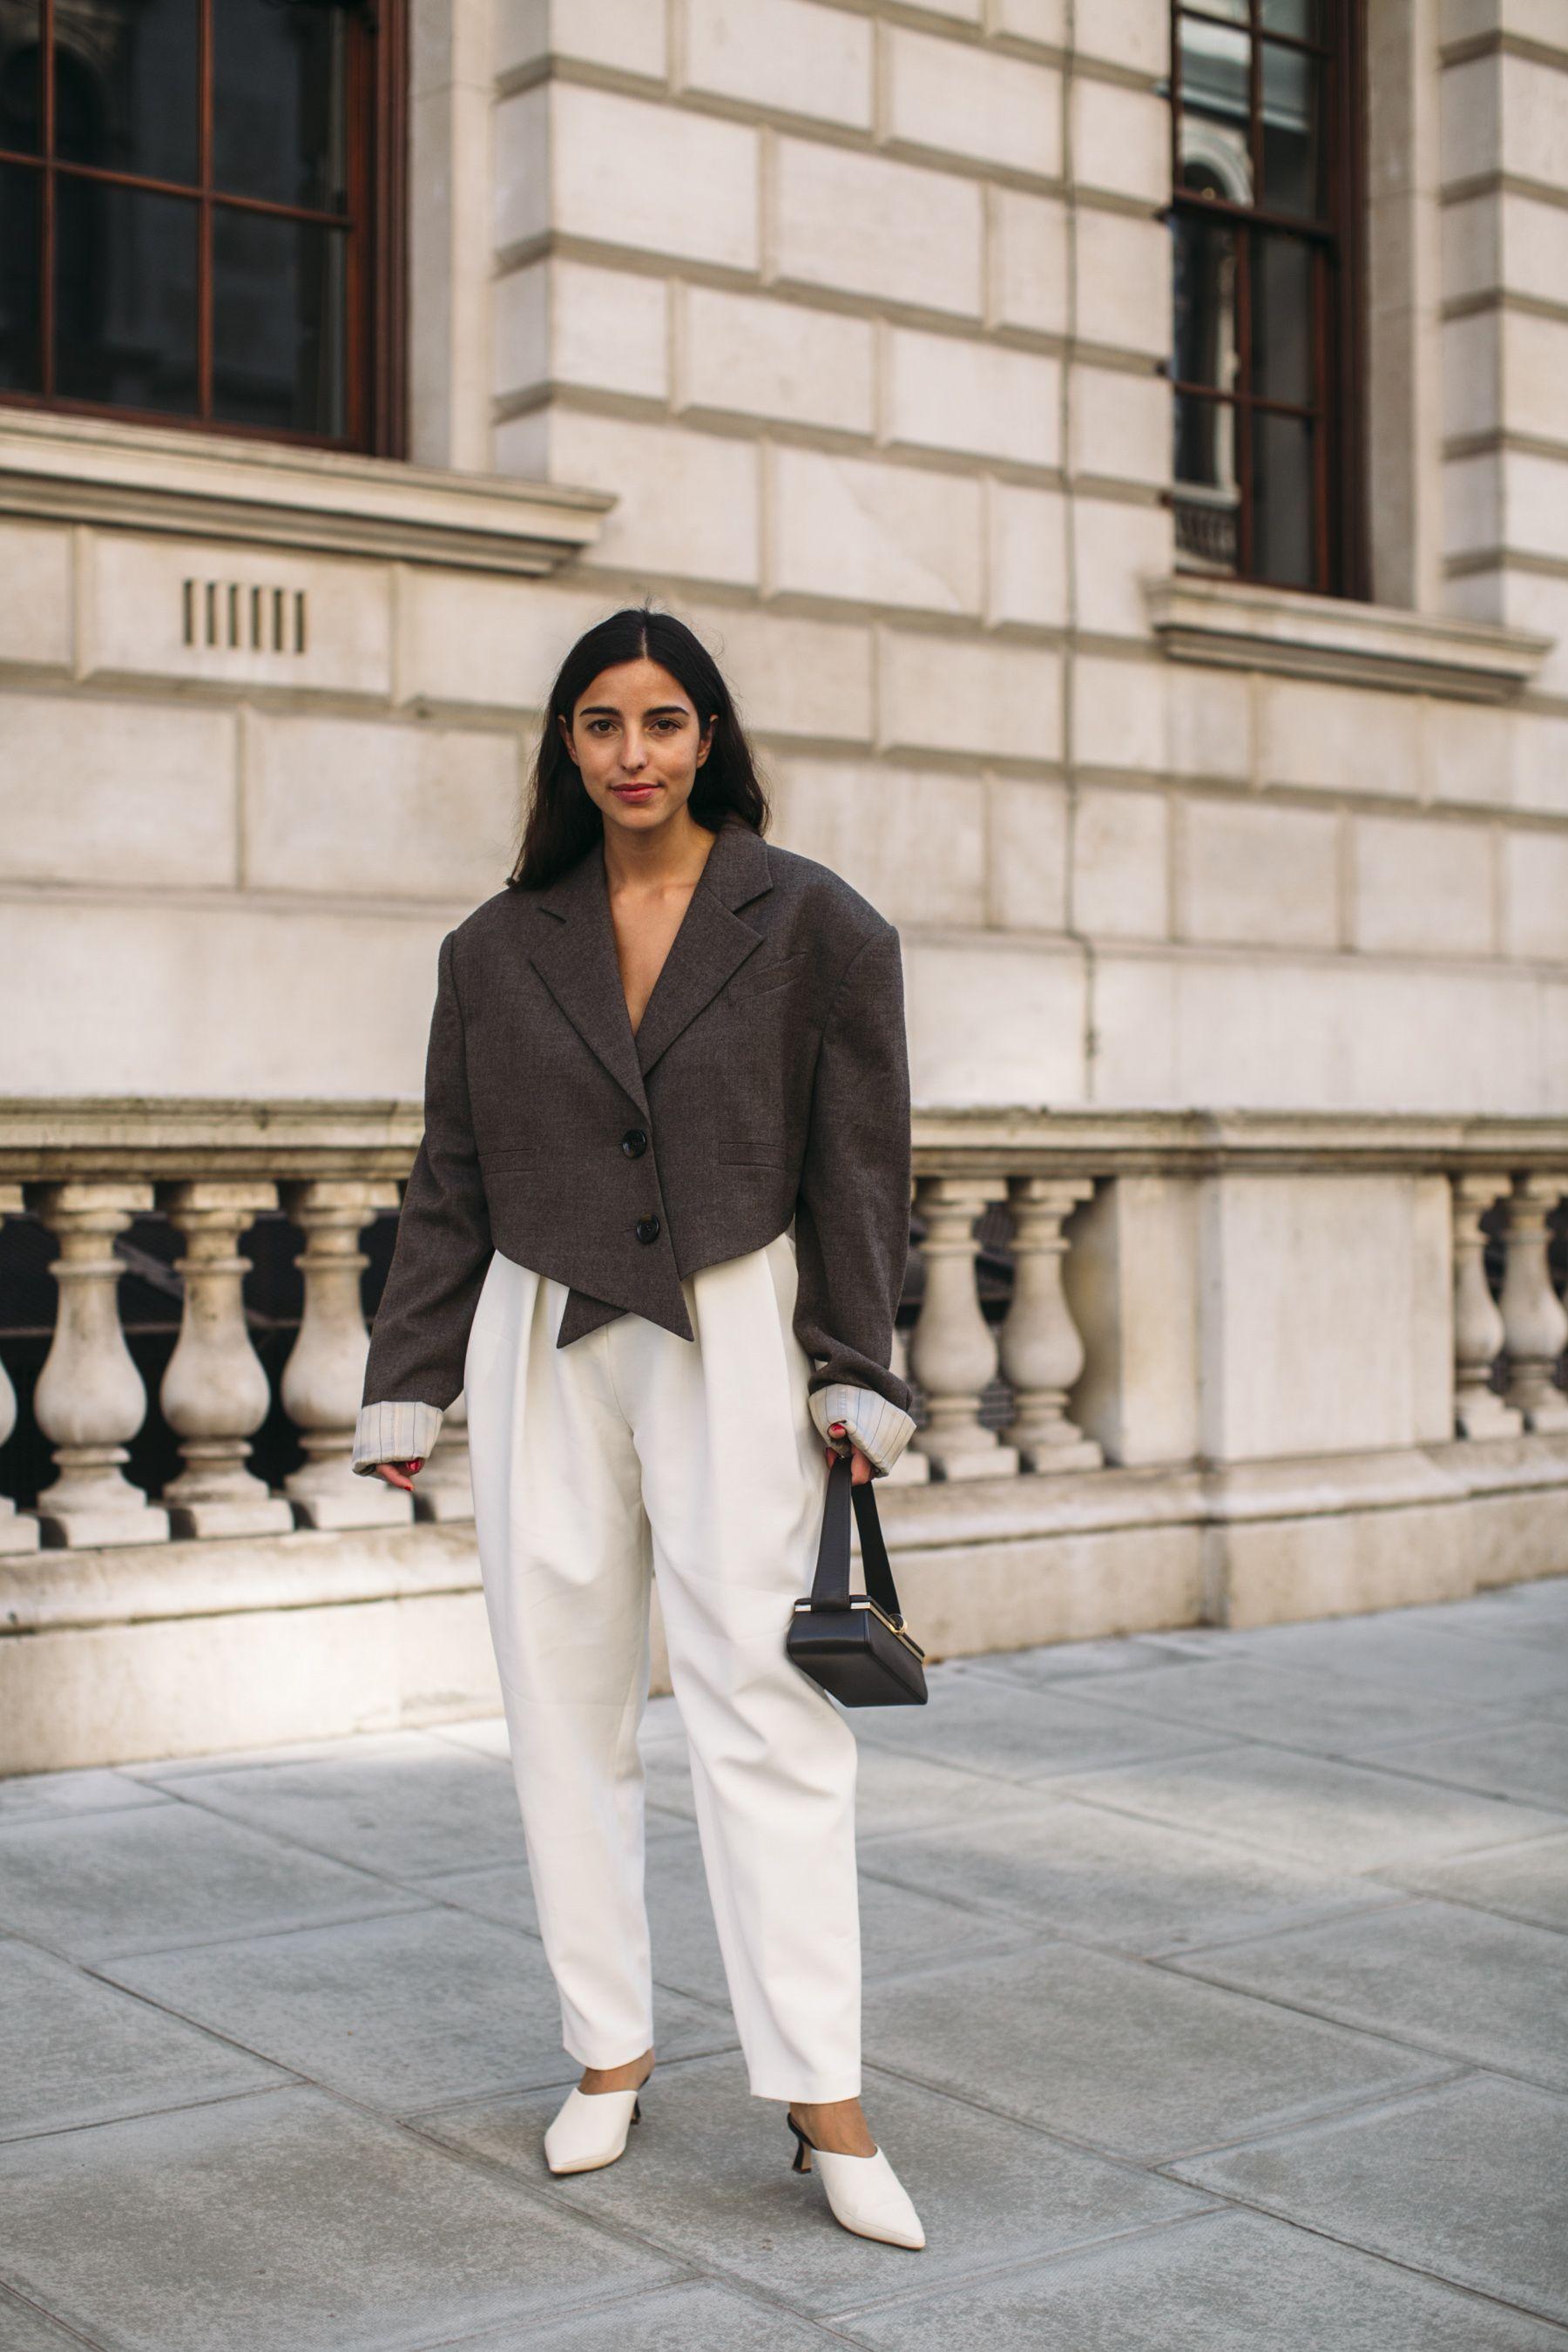 áo blazer dáng lửng phối cùng quần trắng và giày cao gót sành điệu